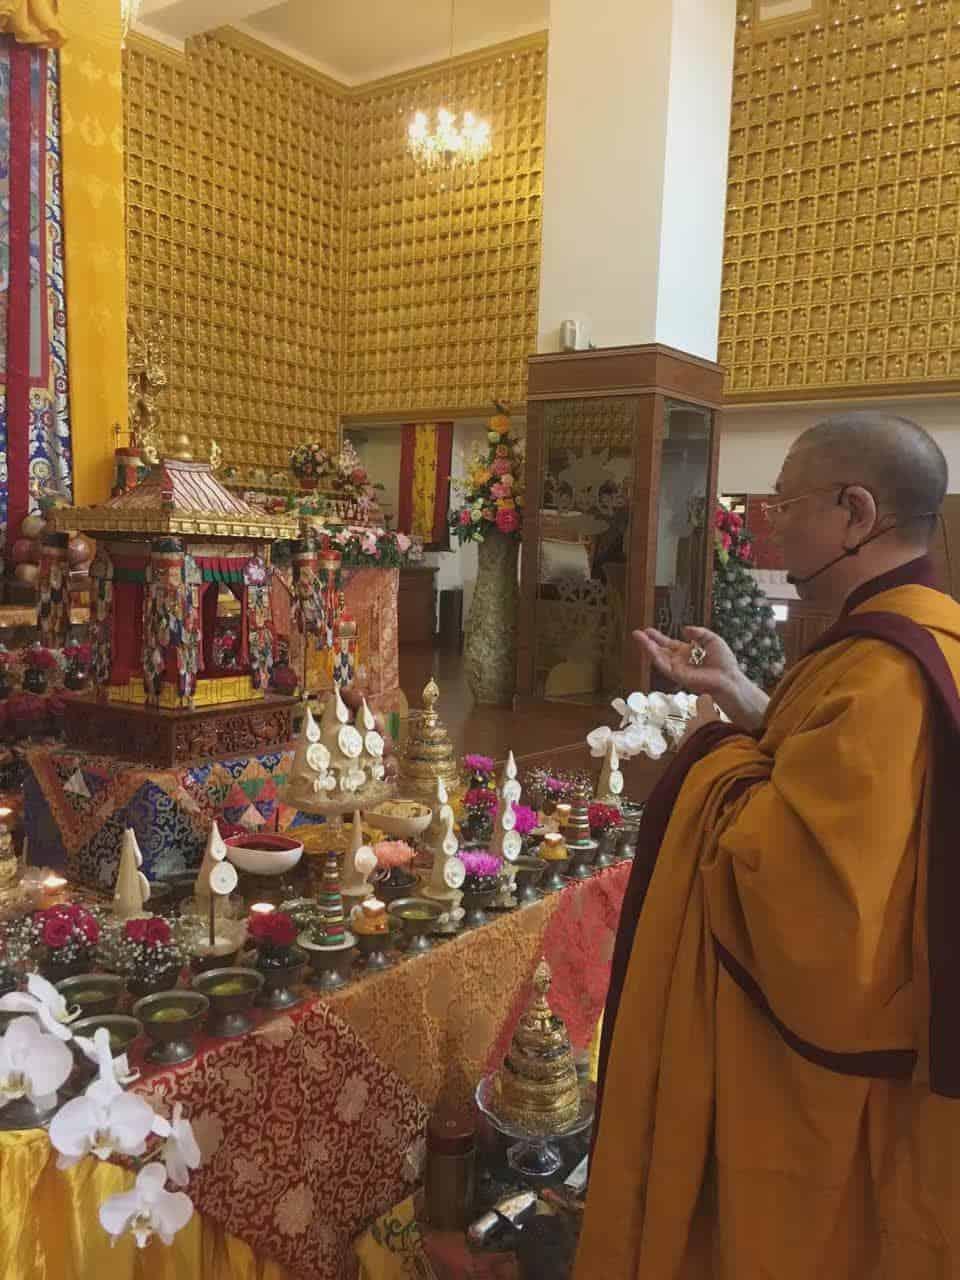 gosok-rinpoche-2016-07-1ea6e934087c3ffca3bf63f087f4f9a